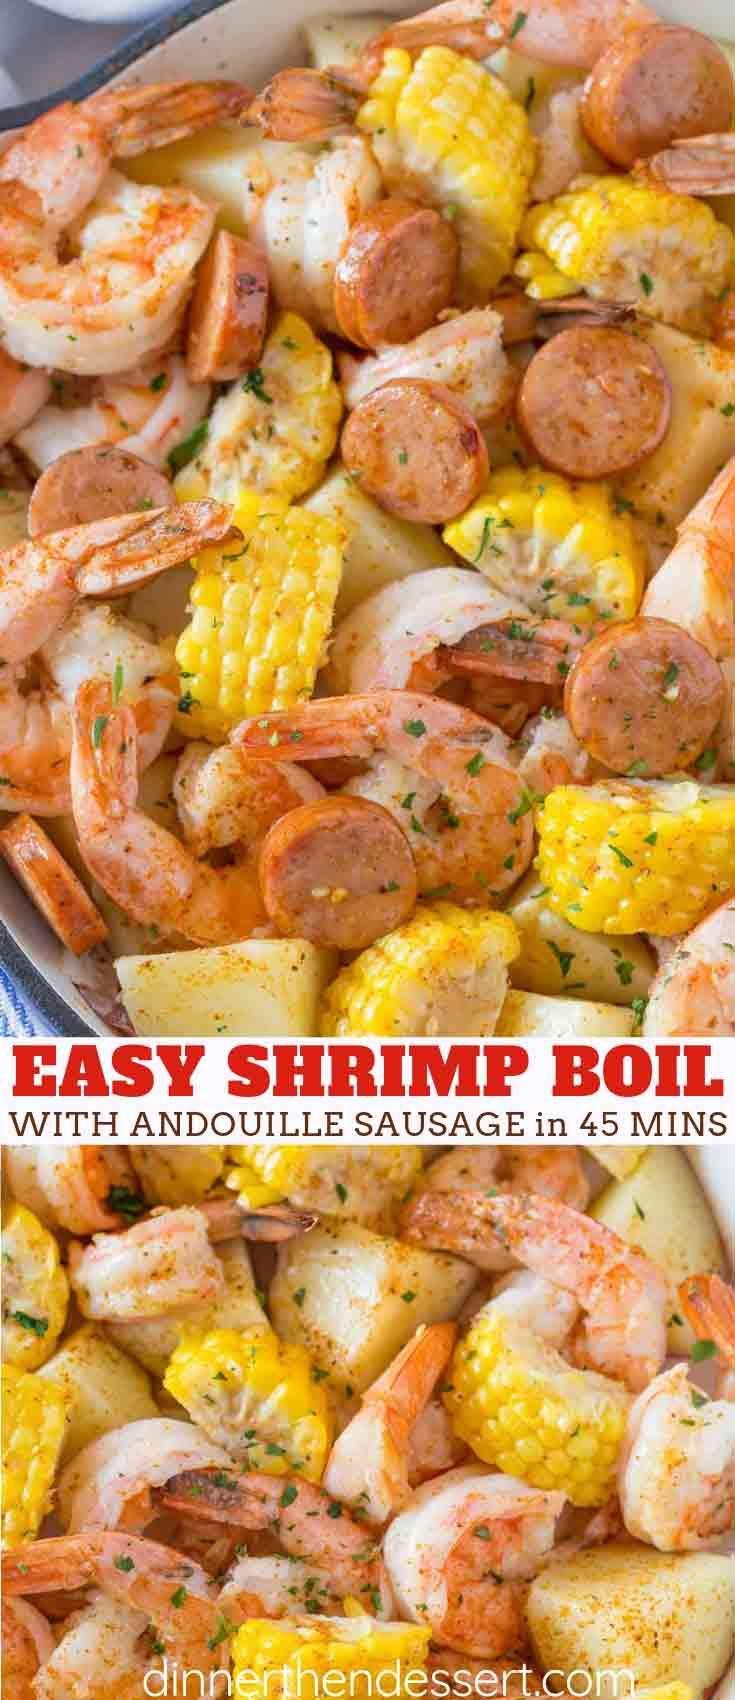 Easy Shrimp Boil #easyshrimprecipes